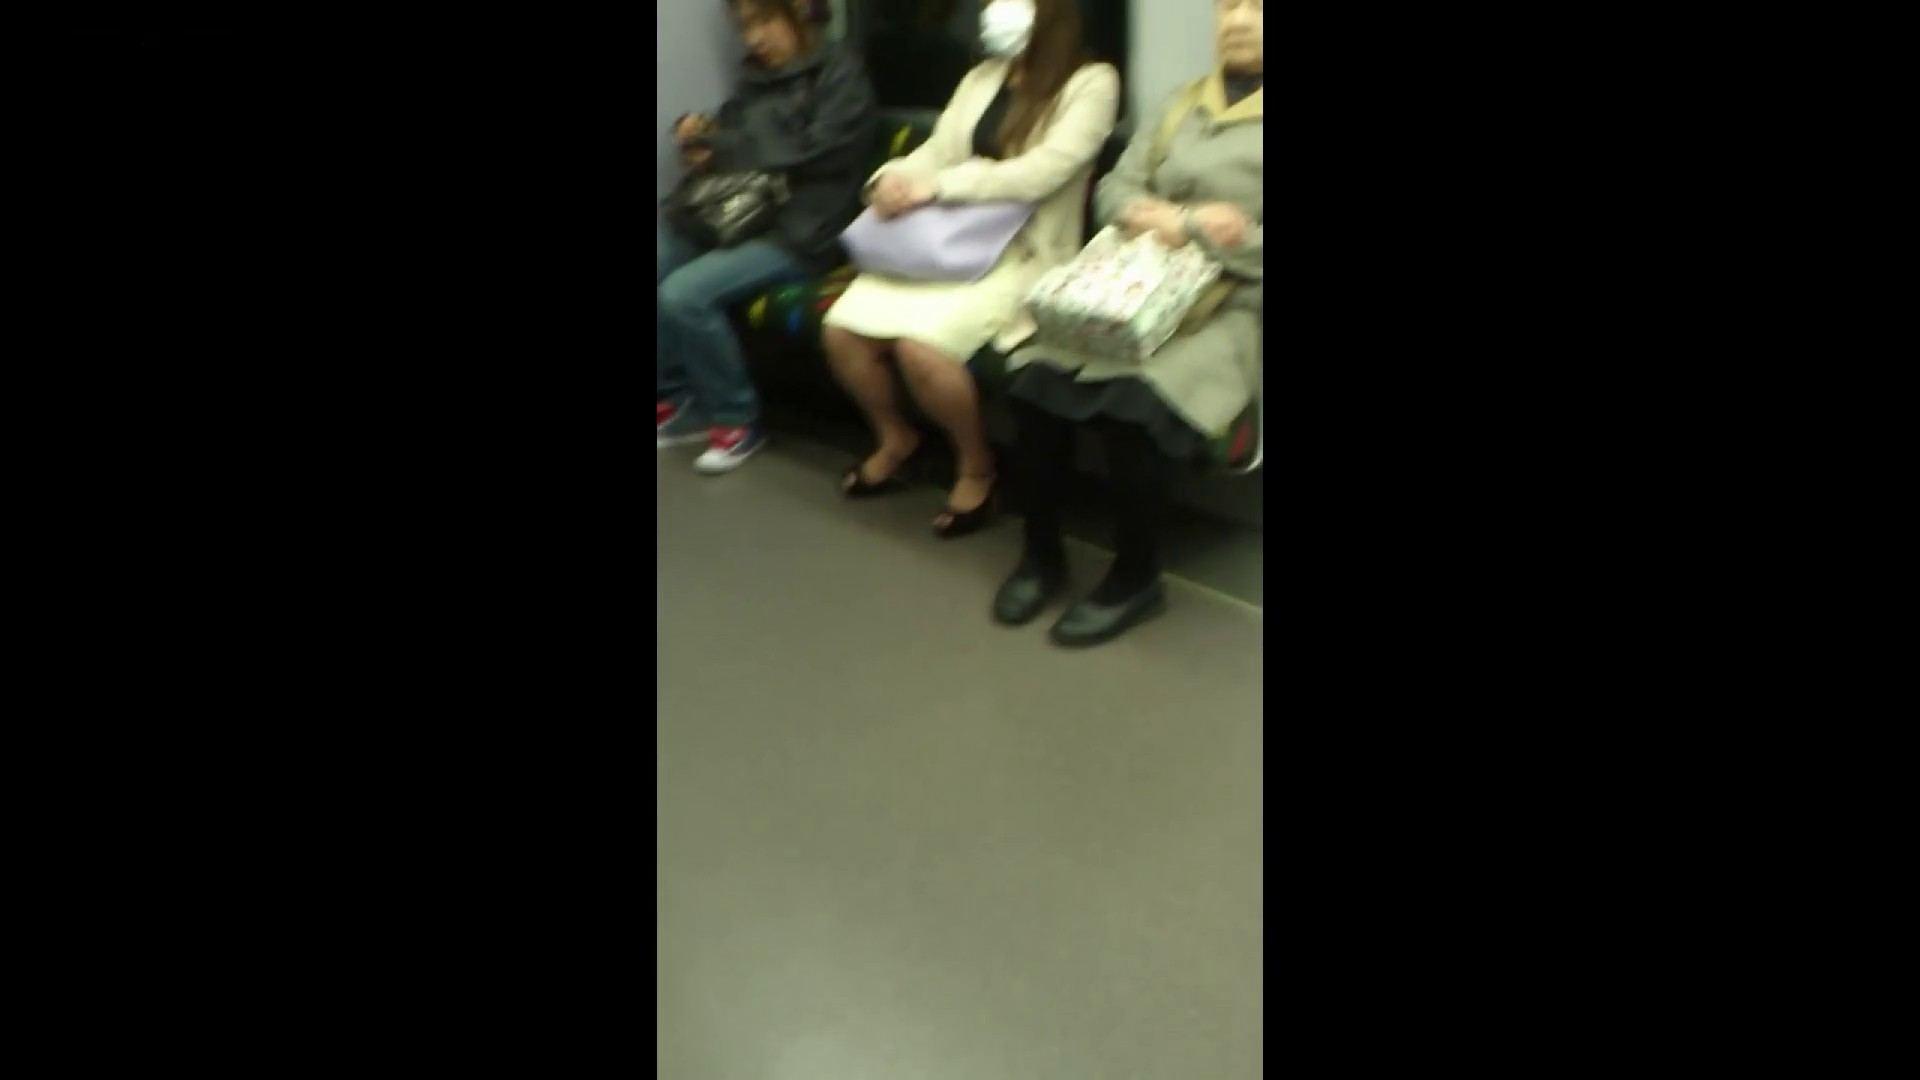 盗撮列車 Vol.55 黄色の爽やかなスカートが大好きです。 むっちりガール | 車で・・・  89枚 67